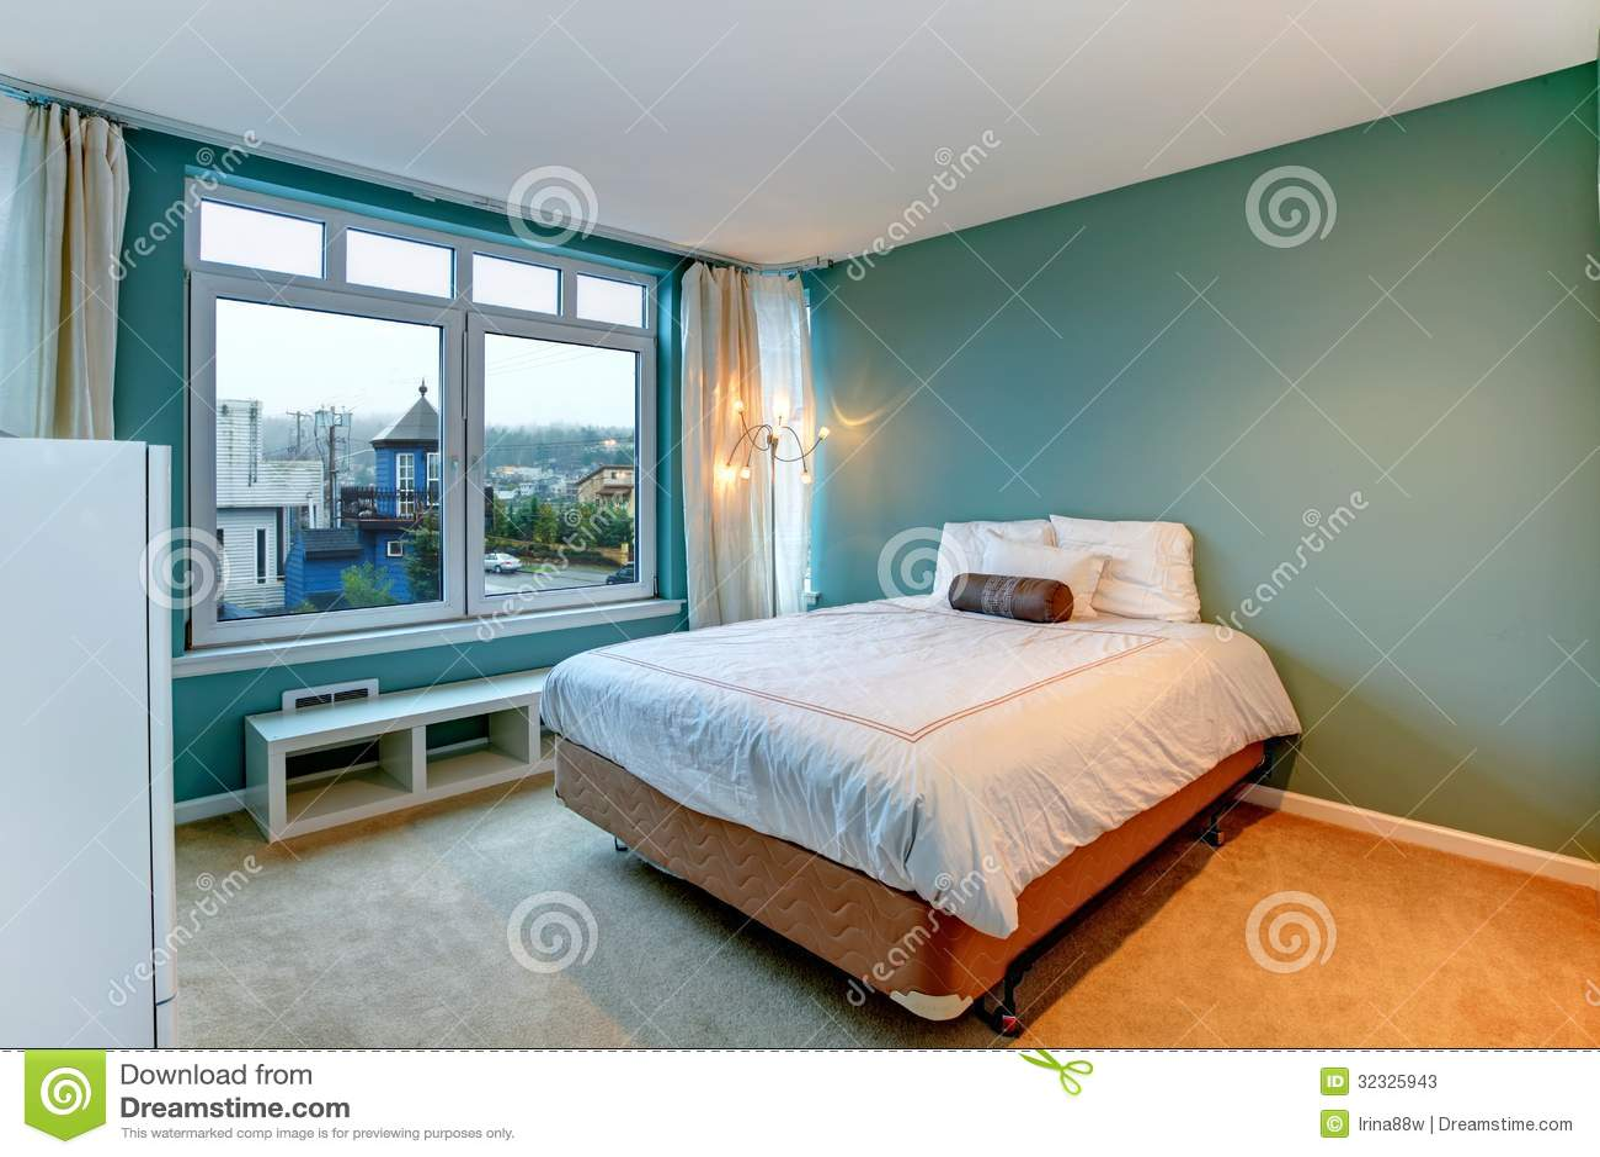 Dormitorio verde con la cama y los muebles blancos fotos - Dormitorio con muebles blancos ...